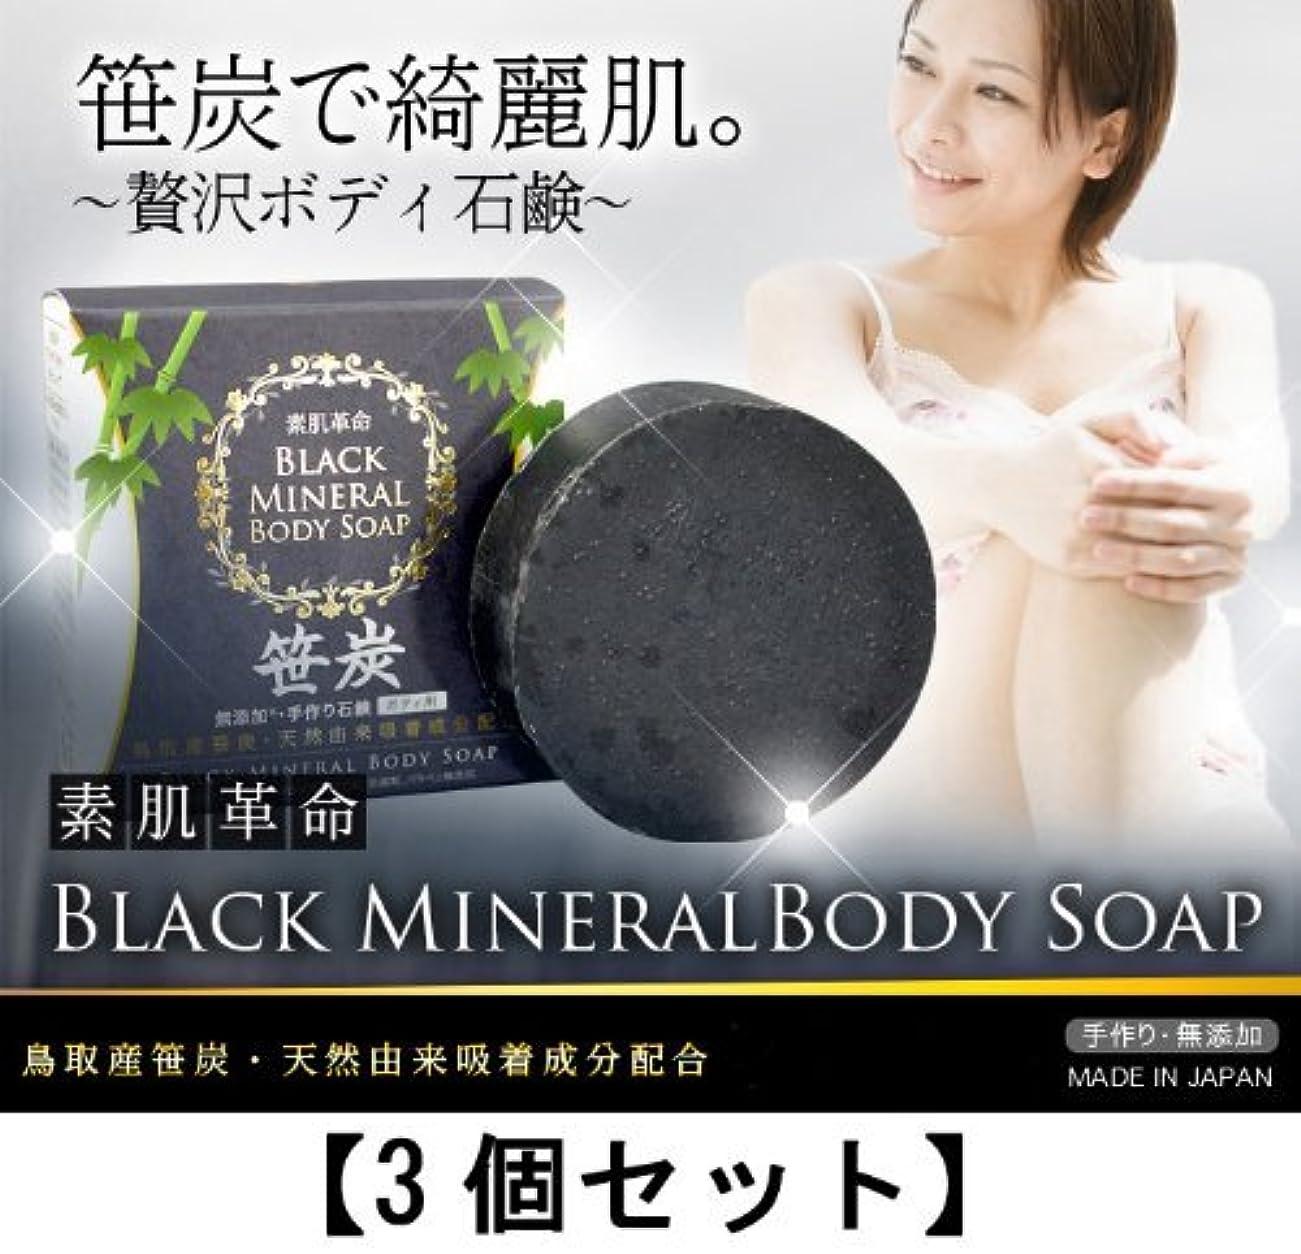 宝気をつけて記念素肌革命ブラックミネラルボディソープ 3個セット(天然笹炭配合無添加石鹸)